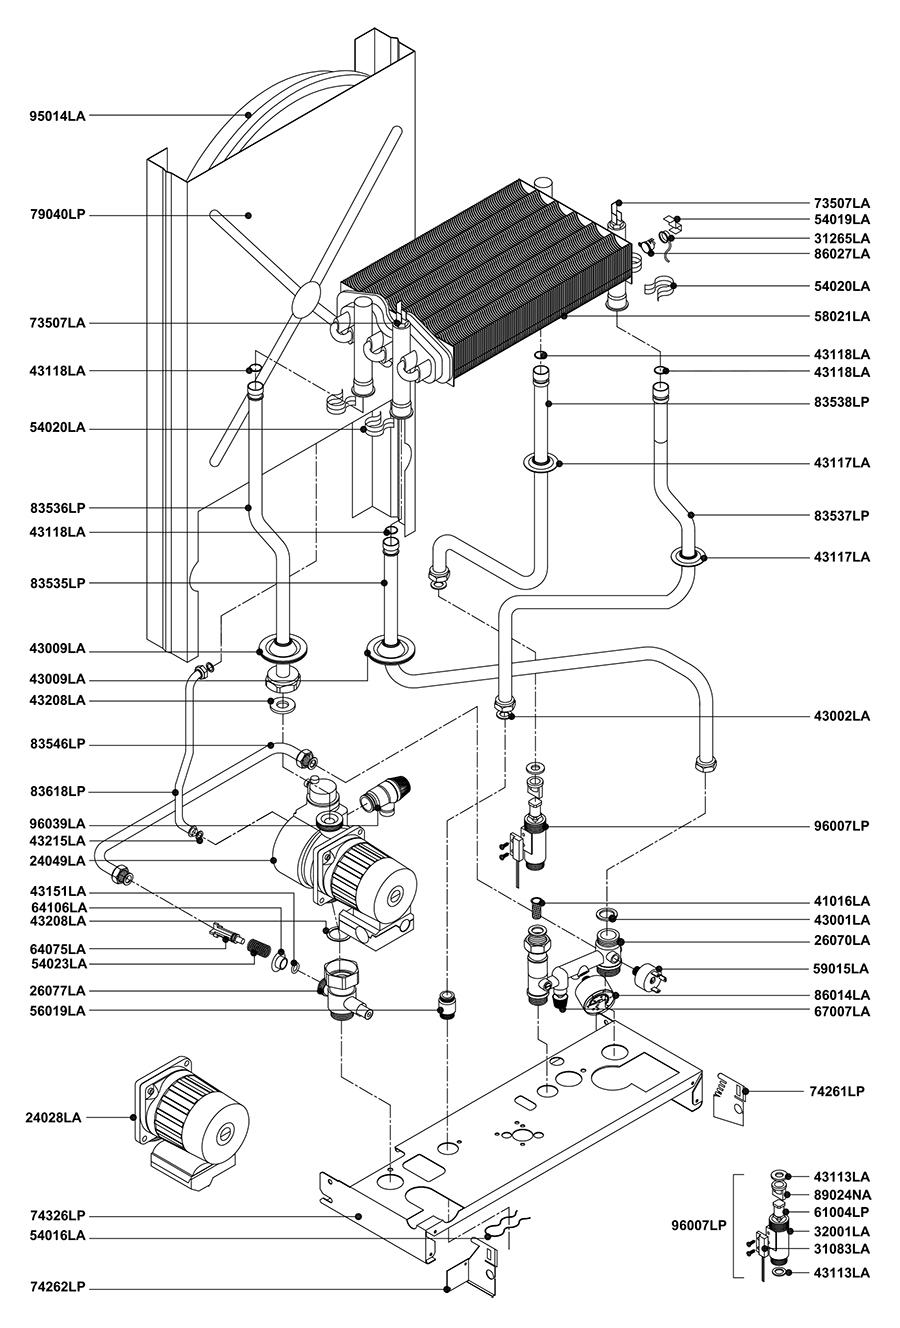 Гидравлическая часть двухконтурного котла Альфа-Калор АОГВ 24 ЗП 2004 гв